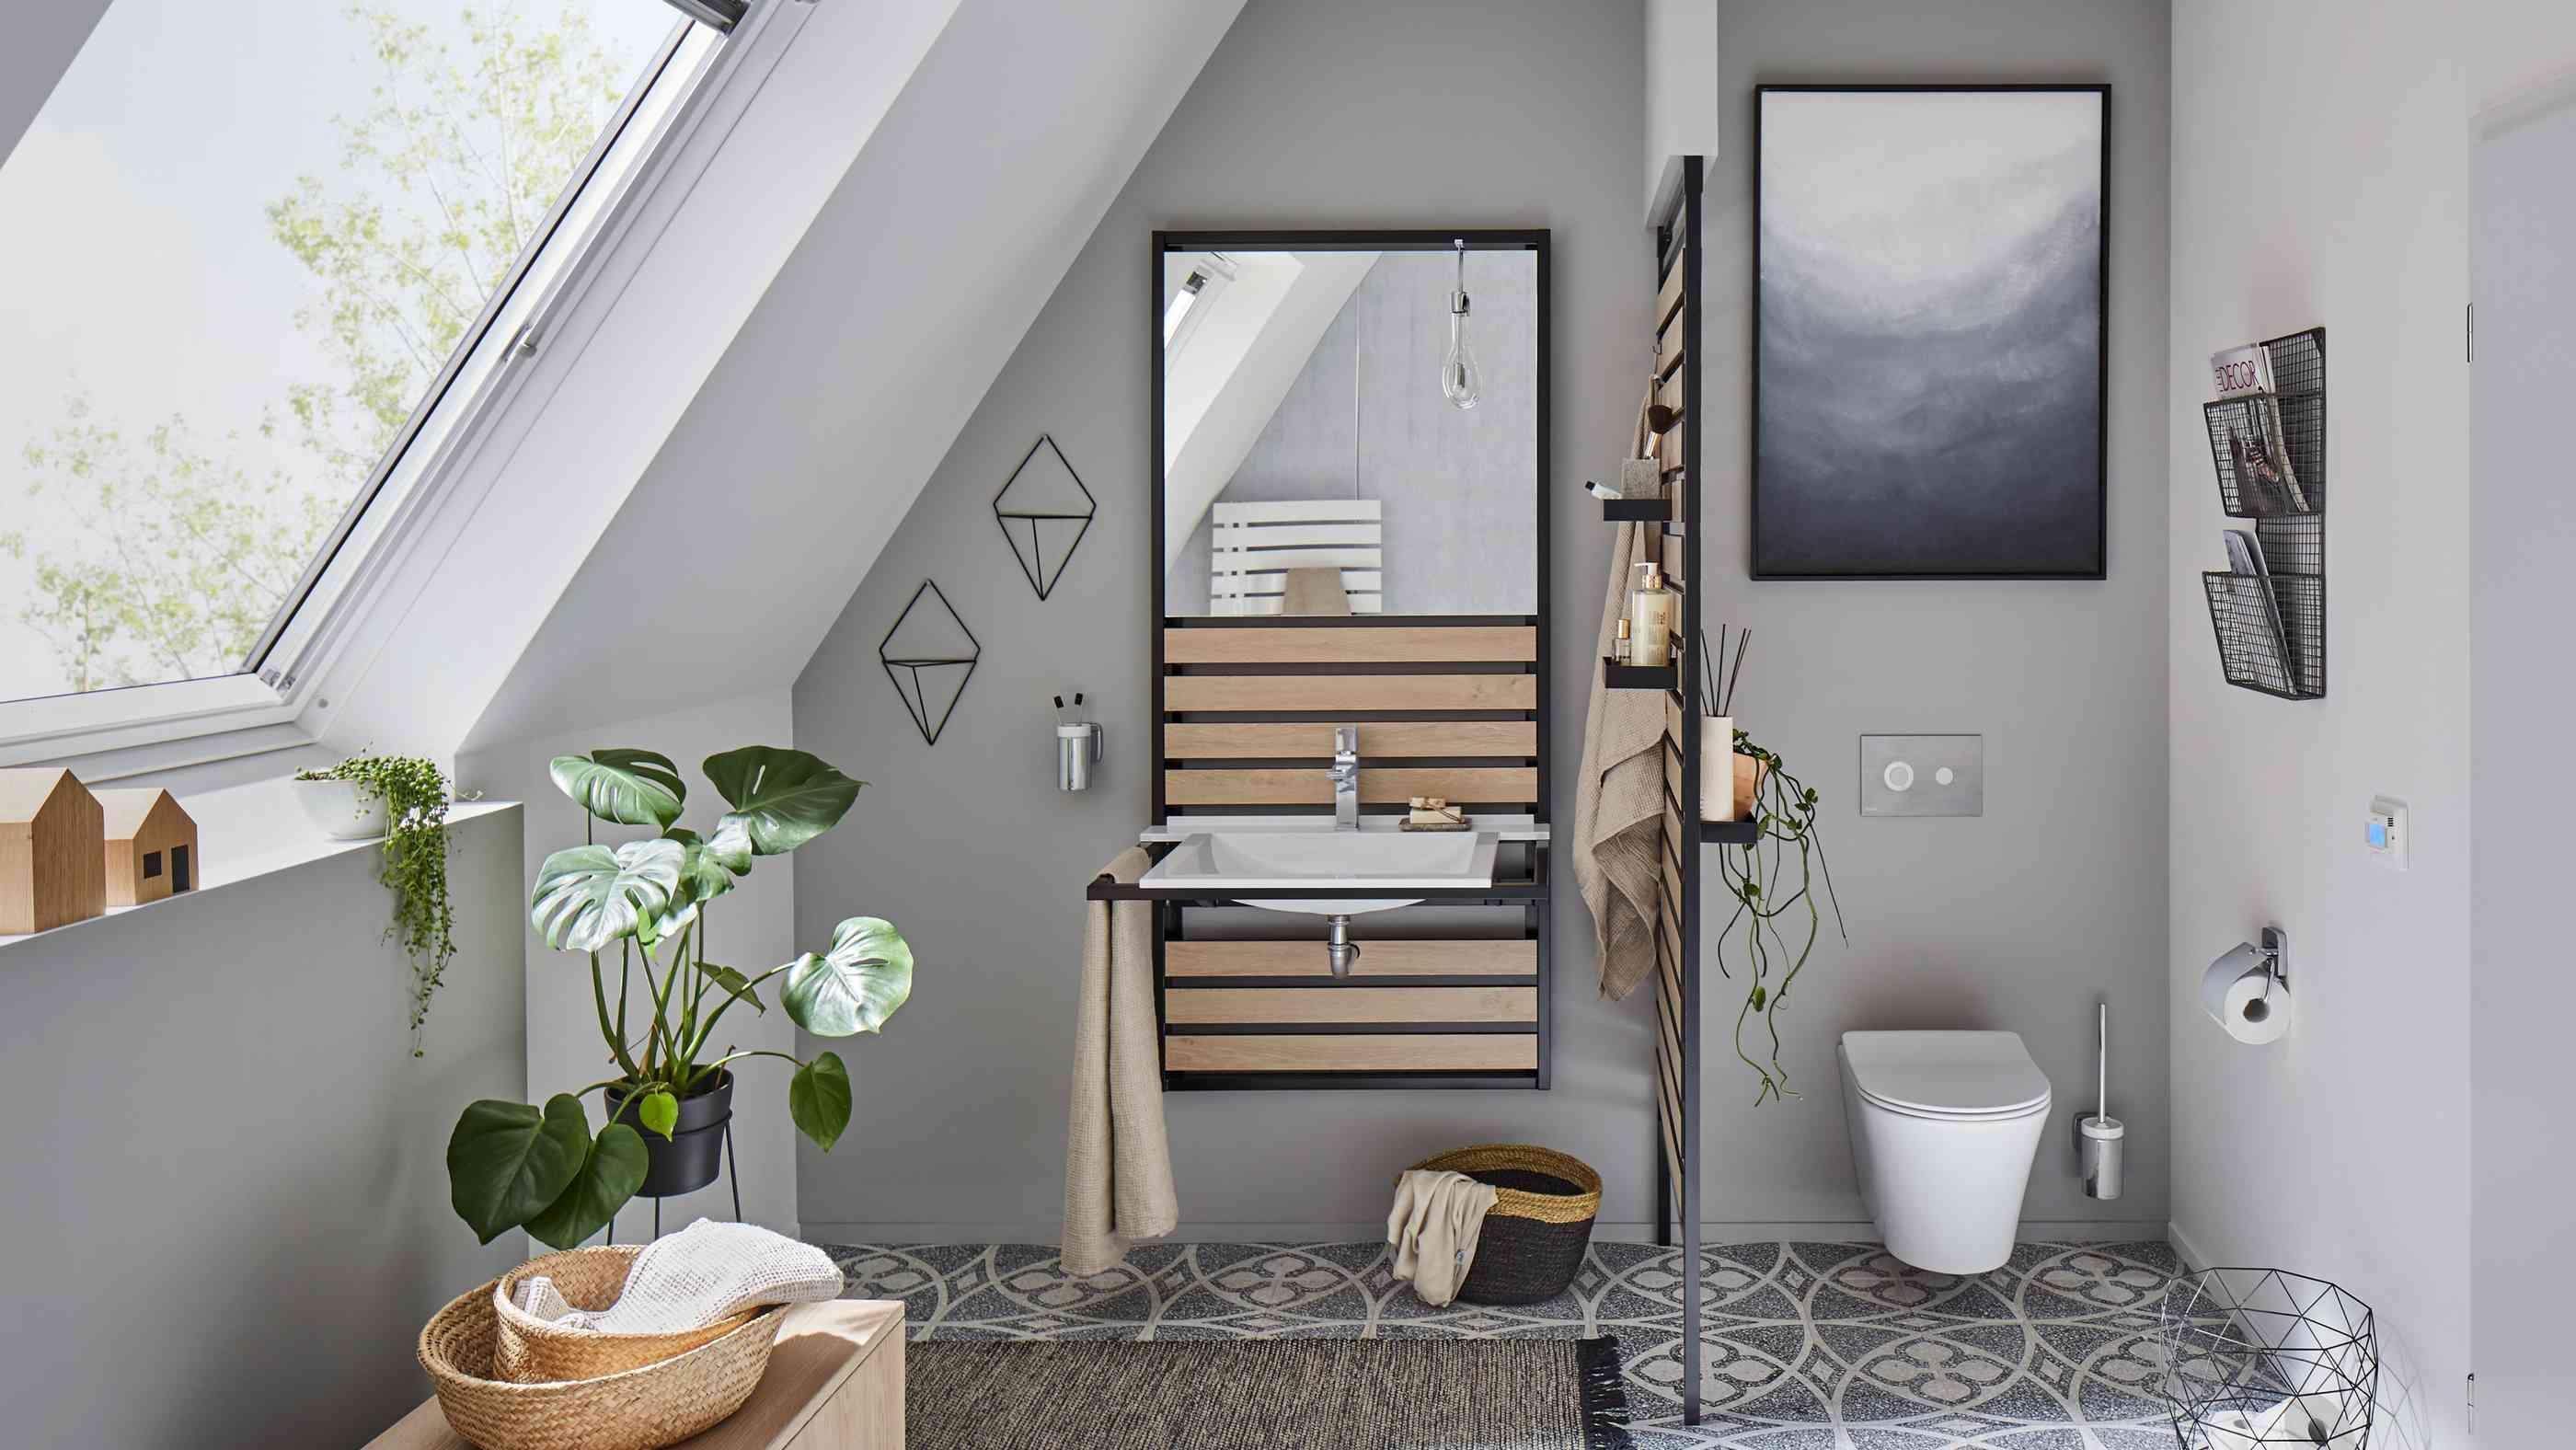 Dachschräge Kleines Bad Dachgeschoss Ideen